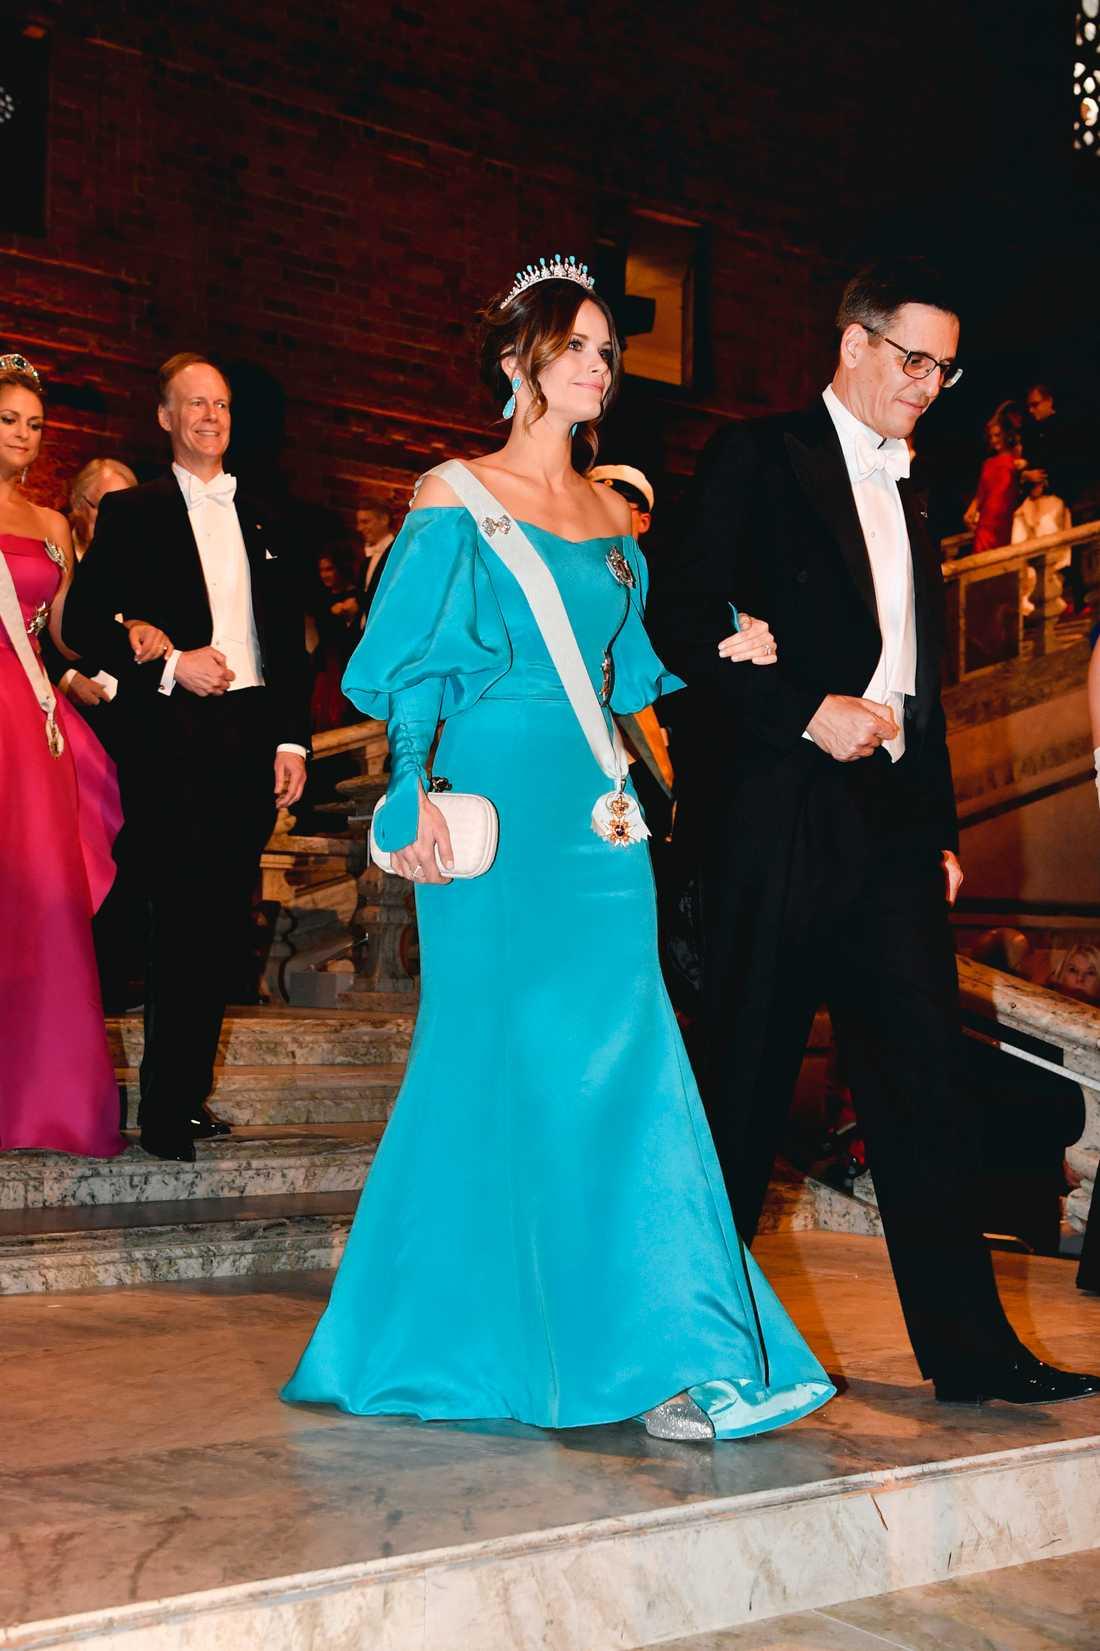 Prinsessan Sofia och Didier Queloz, Nobelpristagare i fysik anländer till Nobelbanketten i Stockholms stadshus.